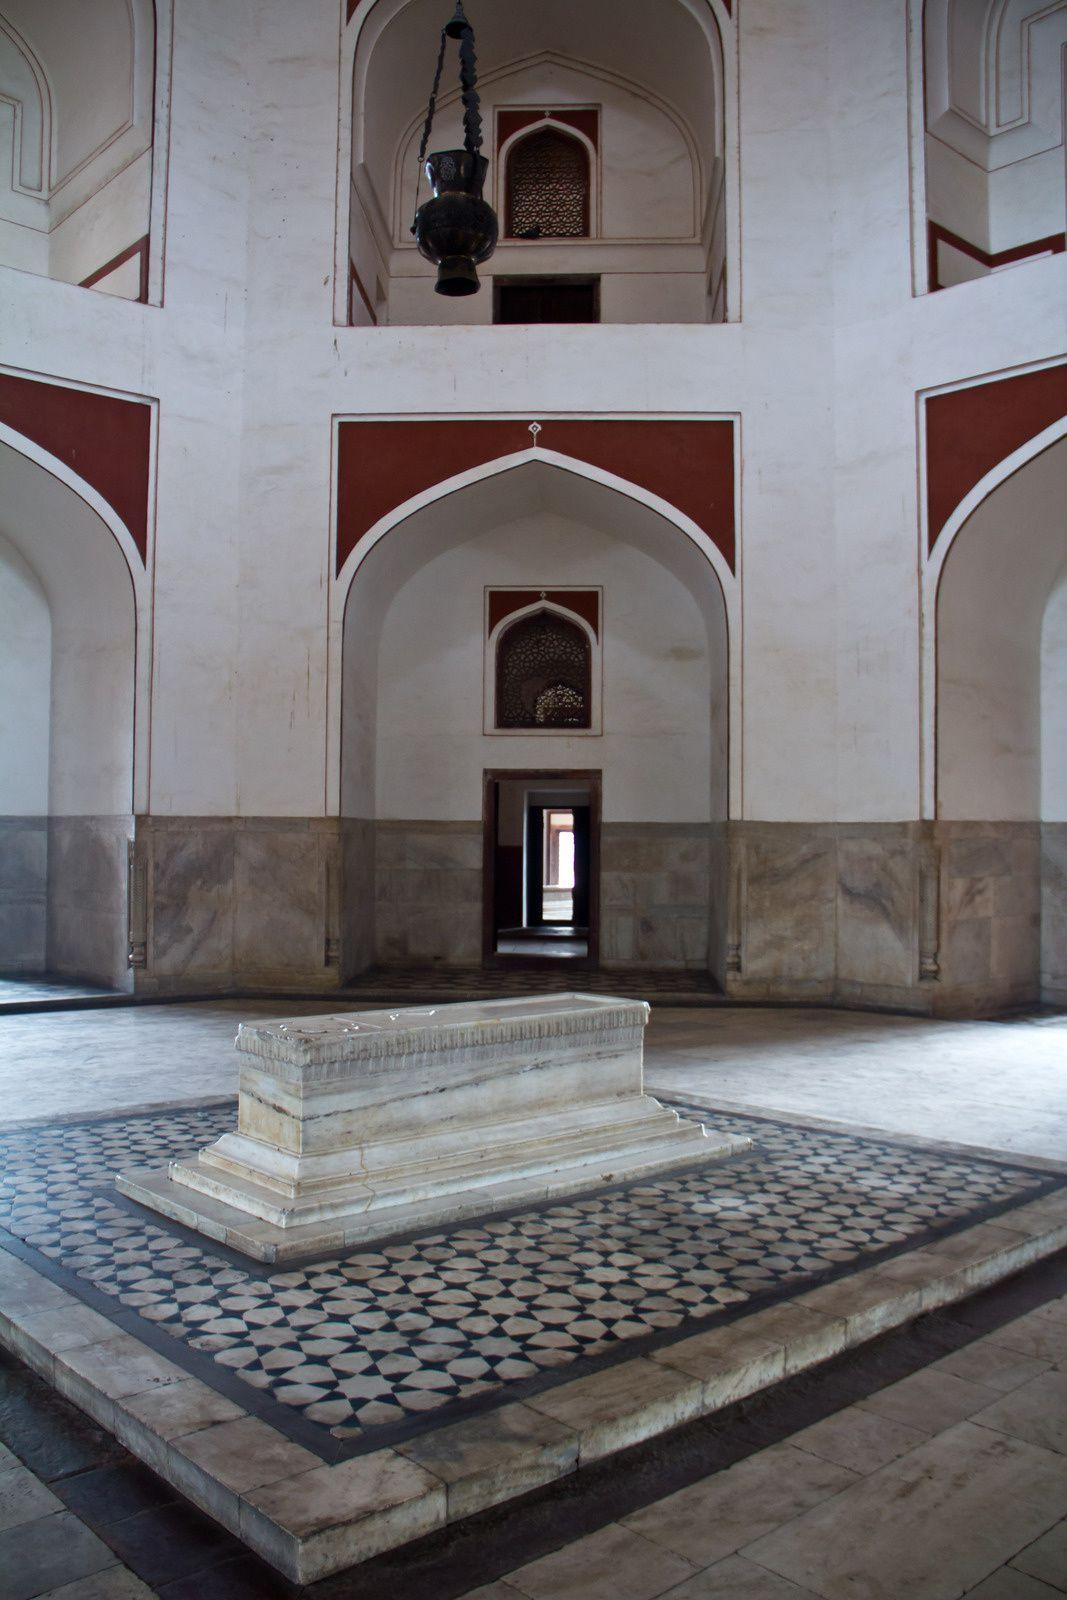 Vues de l'entrée du mausolée, l'intérieur de Humayun's Tomb et des jardins.